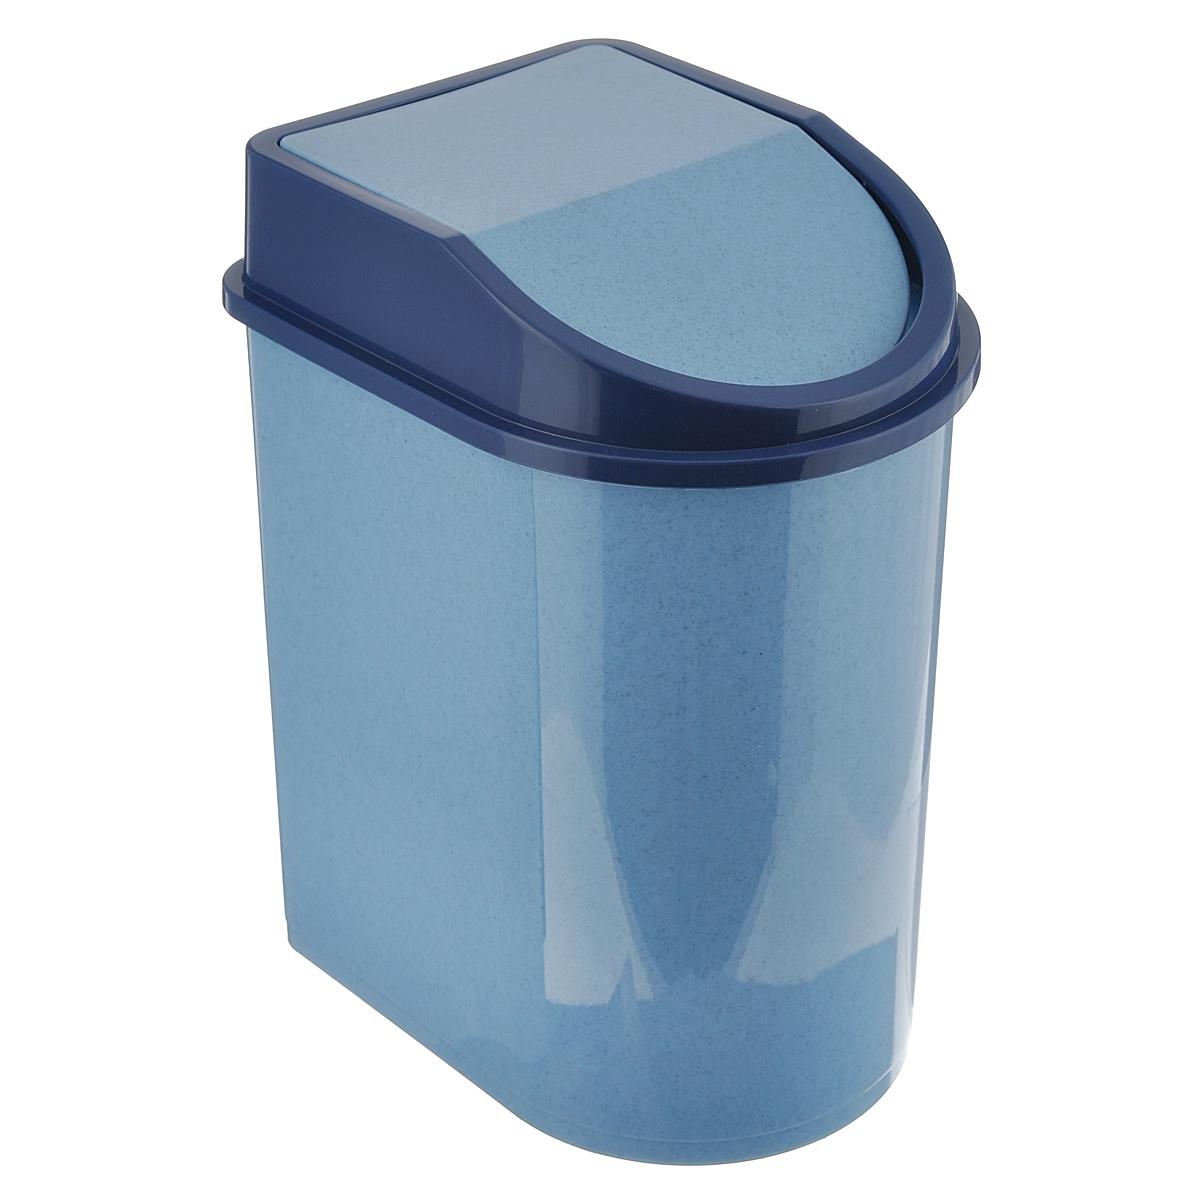 Контейнер для мусора Idea, цвет: голубой мрамор, 5 лМ 2480Мусорный контейнер Idea, выполненный из прочного полипропилена (пластика), не боится ударов и долгих лет использования. Изделие оснащено плавающей крышкой, с помощью которой его легко использовать. Крышка плотно прилегает, предотвращая распространение запаха. Вы можете использовать такой контейнер для выбрасывания разных пищевых и не пищевых отходов. Контейнер может пригодиться также в ванной комнате или у туалетного столика.